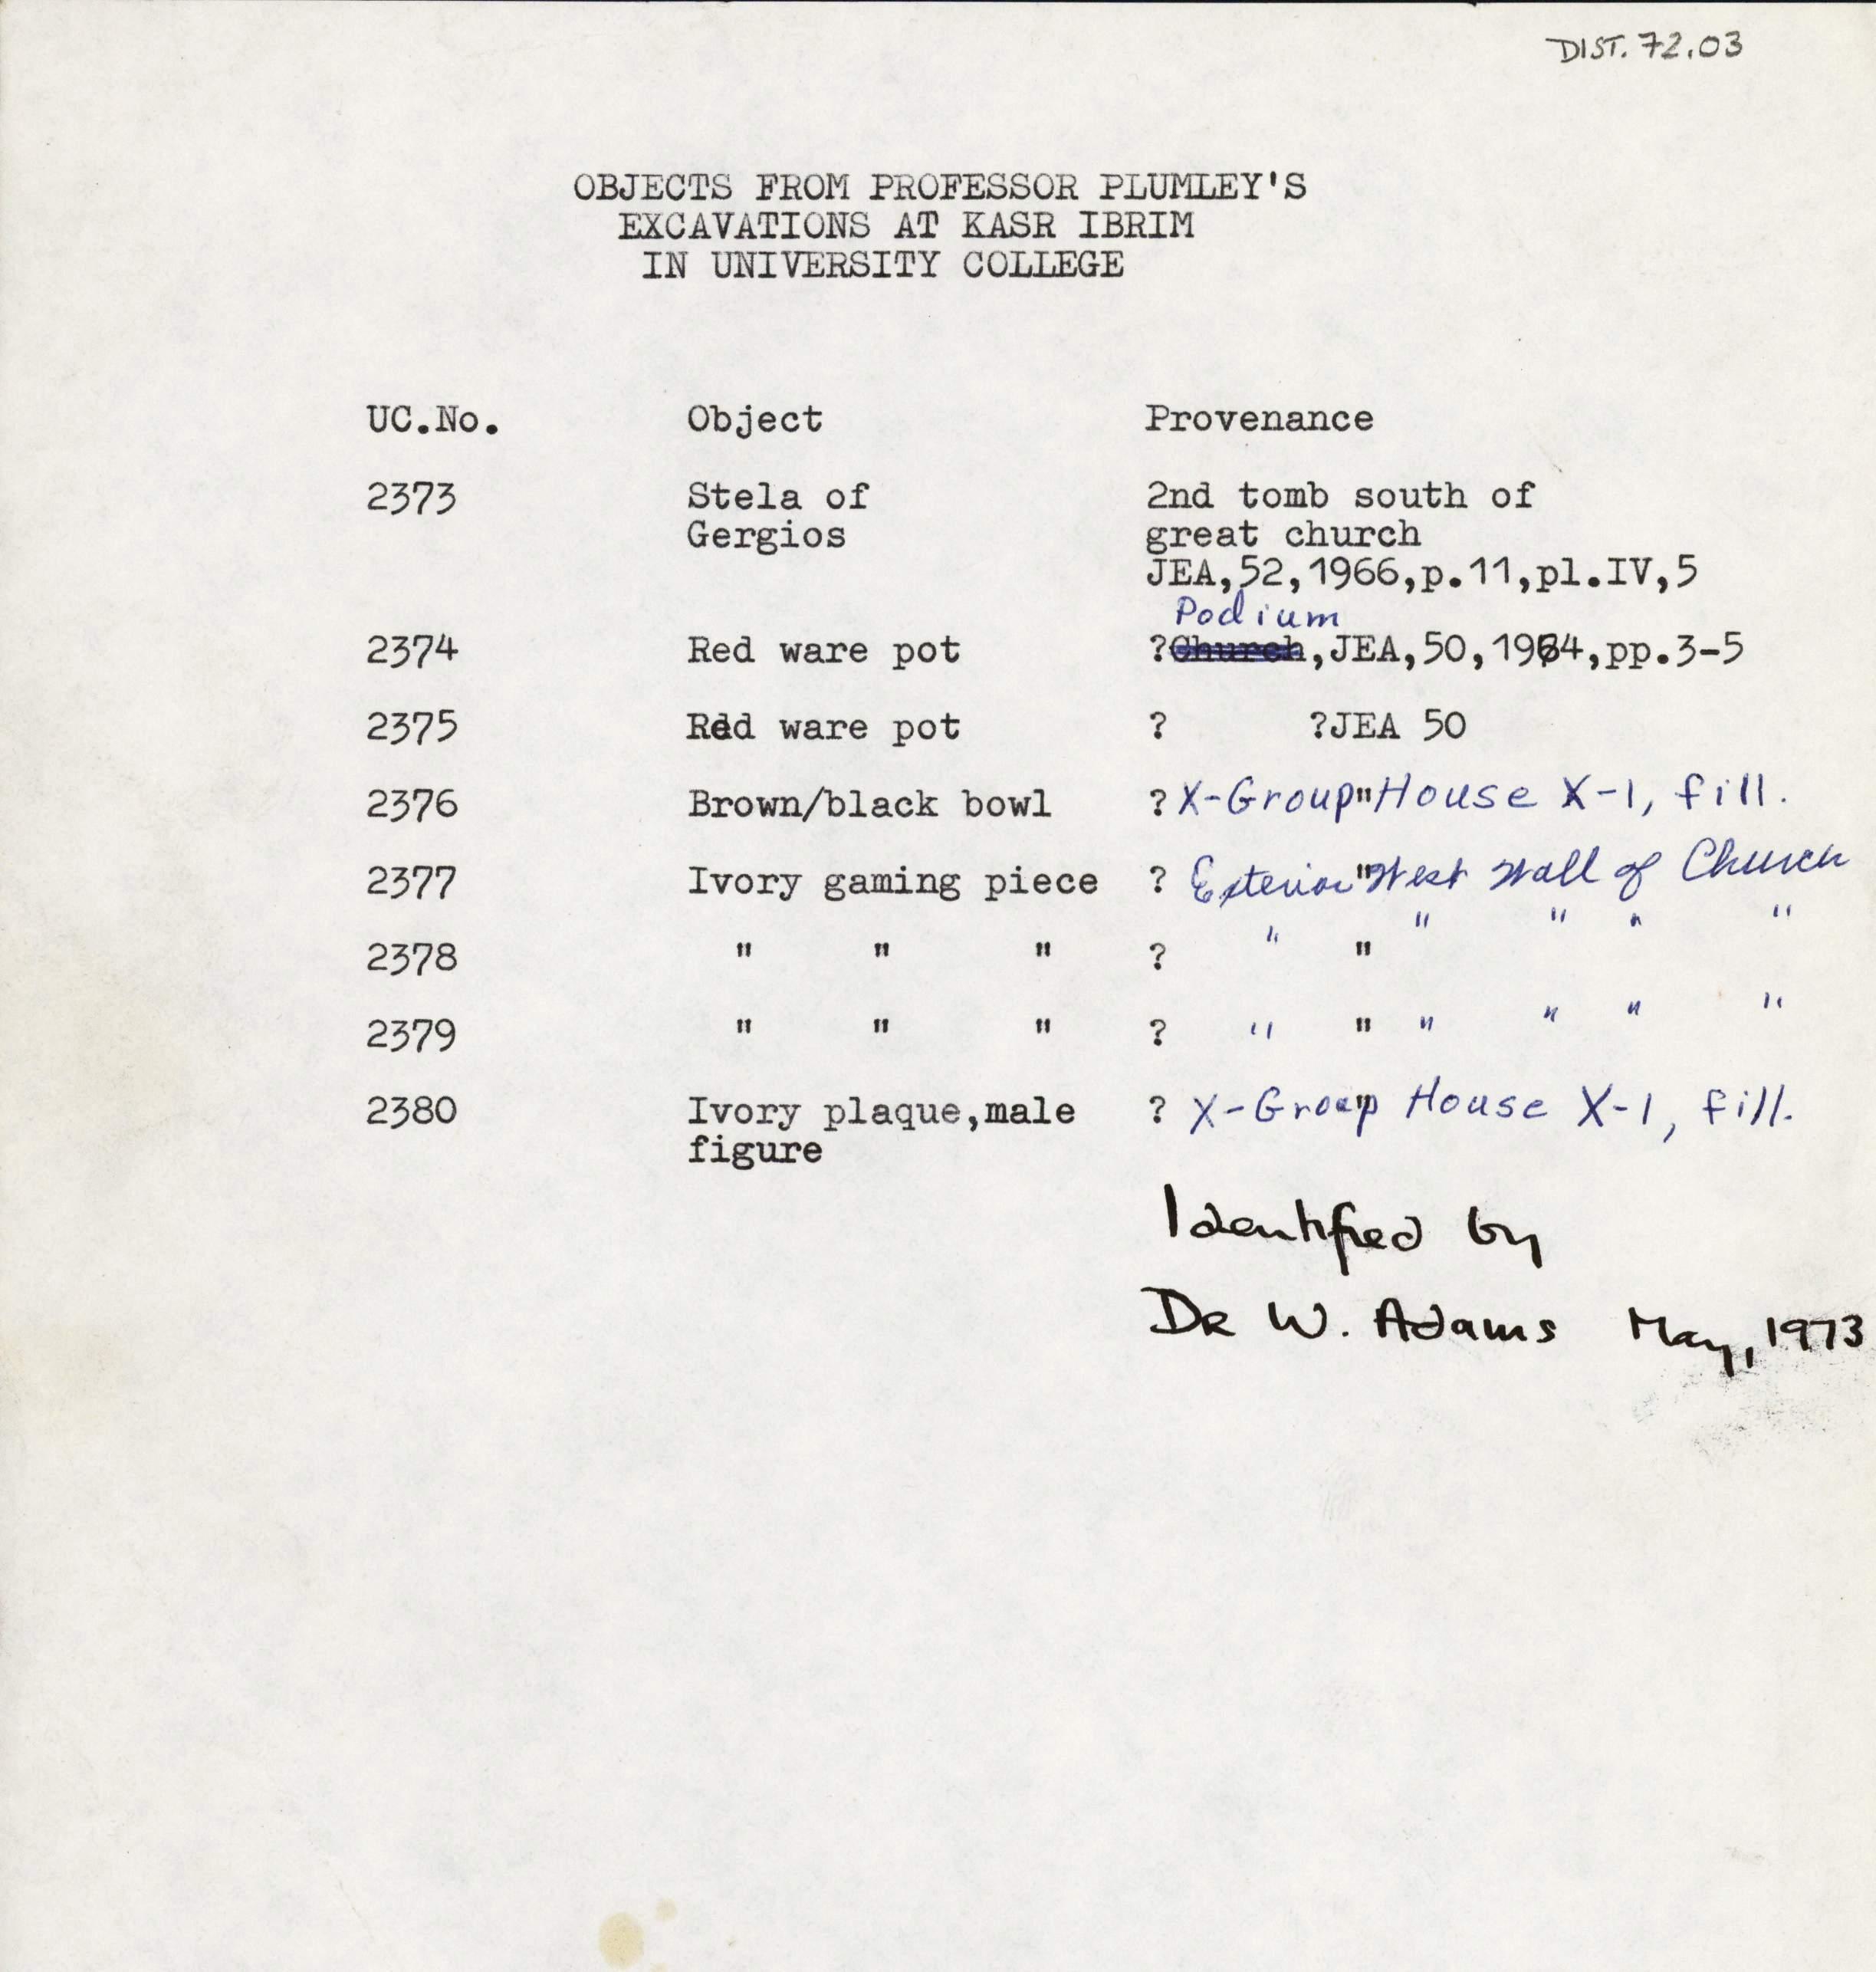 1967-79 Qasr Ibrim DIST.72.03